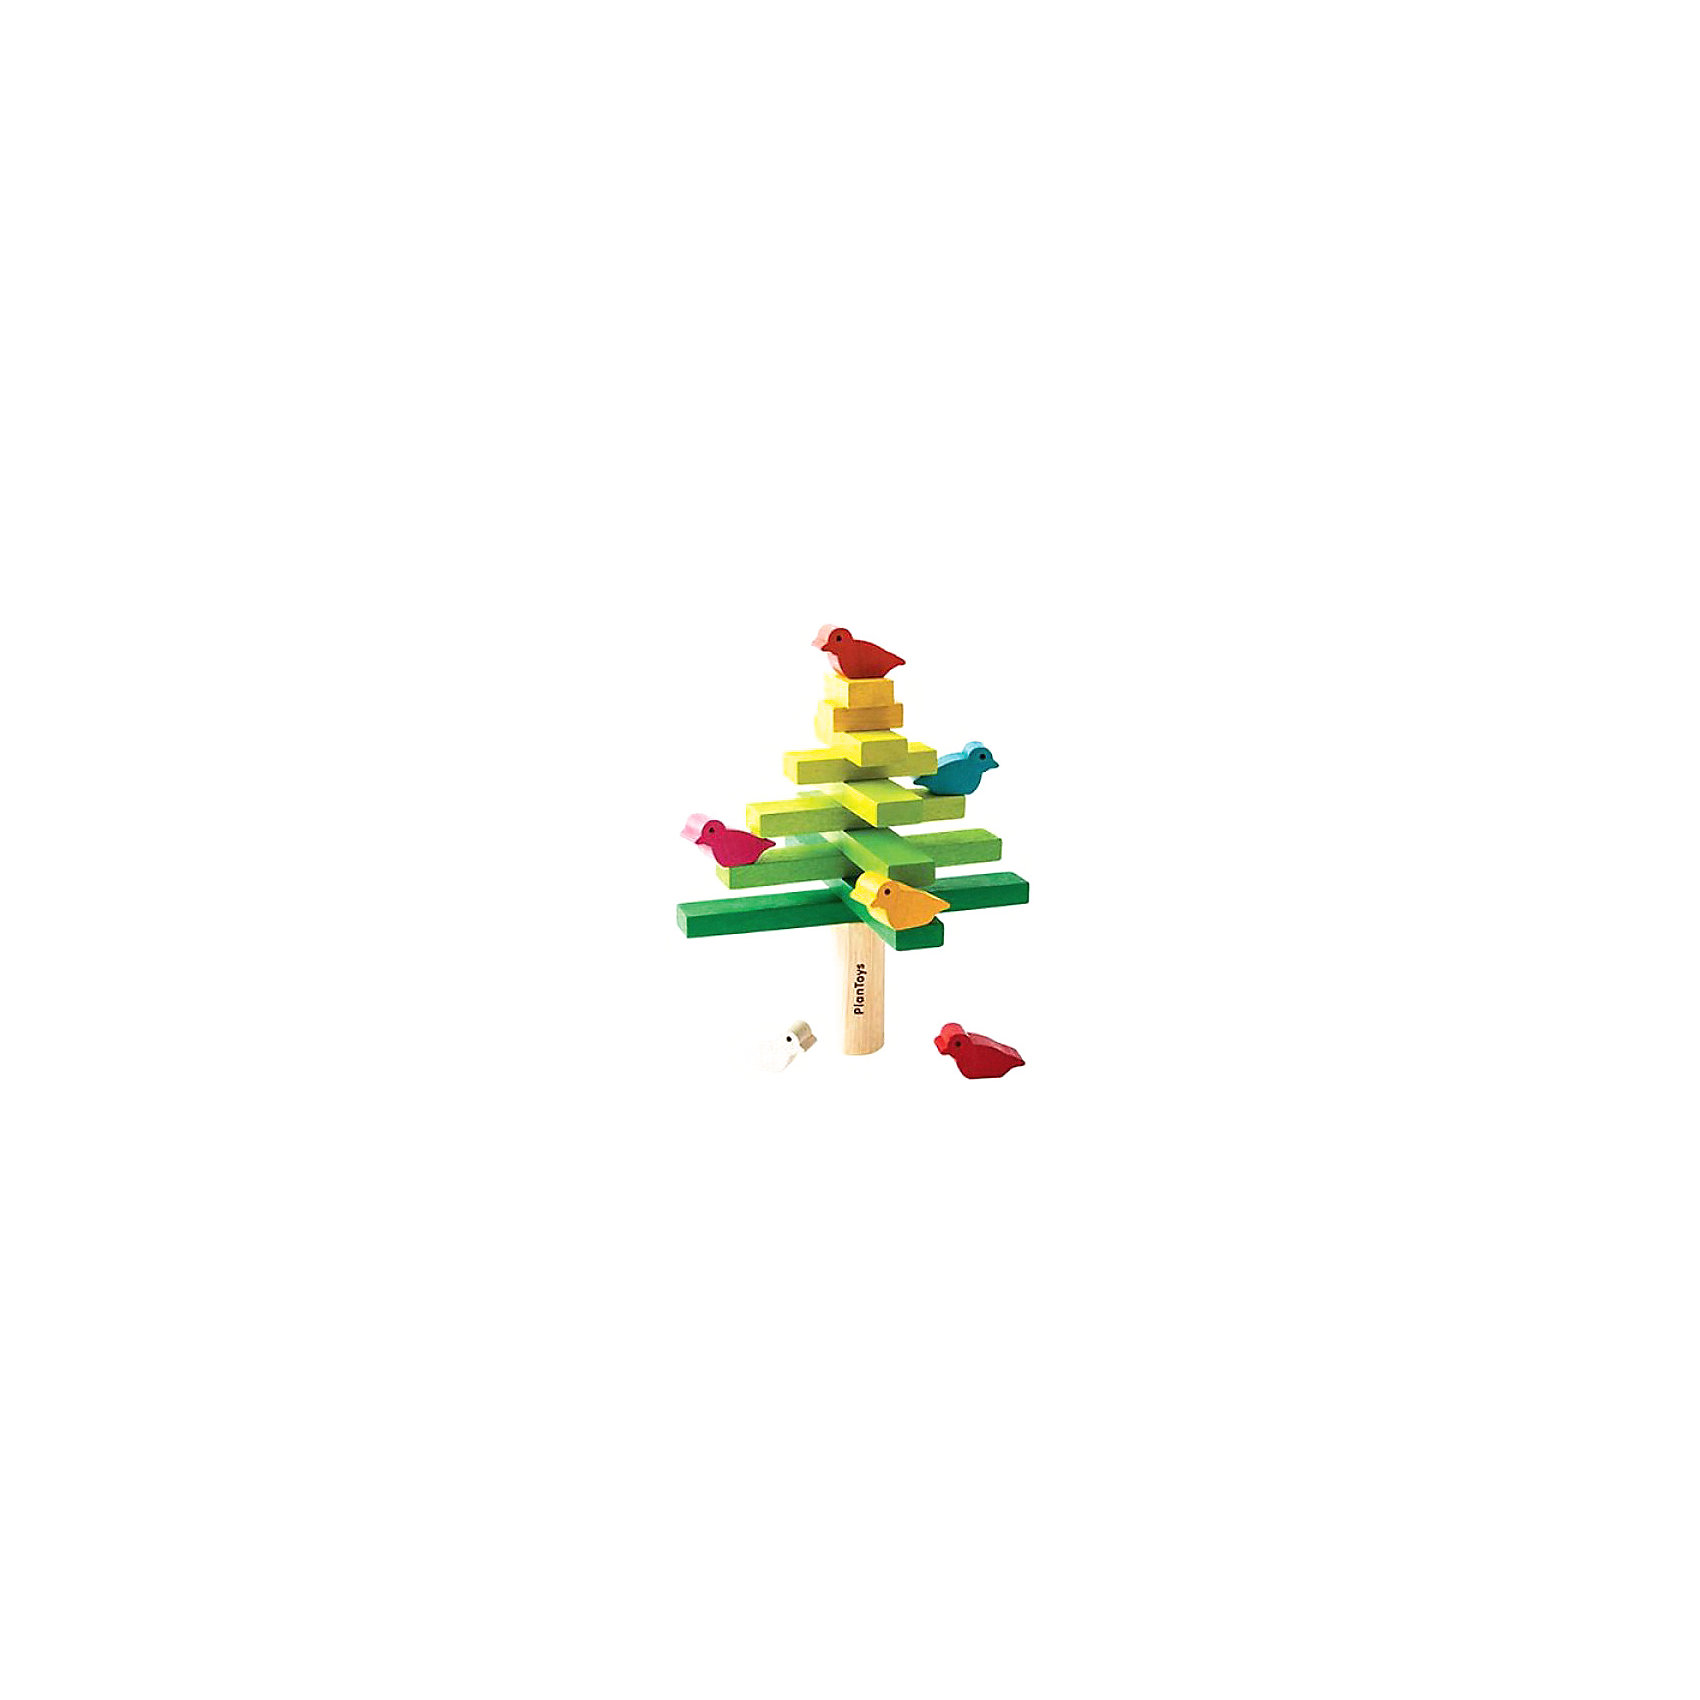 Головоломка Балансирующее дерево, Plan ToysГоловоломка Балансирующее дерево это оригинальная разноцветная развивающая игрушка для вашего ребенка. Детали игры выполнены в виде ярких фигурок птиц, малыш должен правильно сложить деревце, чтобы оно не упало. В набор входит 11 деталей для постройки дерева, и 6 фигурок птиц, материал изготовлен из каучукового дерева с использованием нетоксичных красок.<br><br>Дополнительная информация:<br><br>-Размер игры: 2 x 15 x 1 см<br>-Материал: дерево<br>-Вес: 0.7 кг<br><br>Головоломку Балансирующее дерево, Plan Toys можно купить в нашем интернет-магазине.<br><br>Ширина мм: 150<br>Глубина мм: 20<br>Высота мм: 150<br>Вес г: 400<br>Возраст от месяцев: 36<br>Возраст до месяцев: 1188<br>Пол: Унисекс<br>Возраст: Детский<br>SKU: 4862352